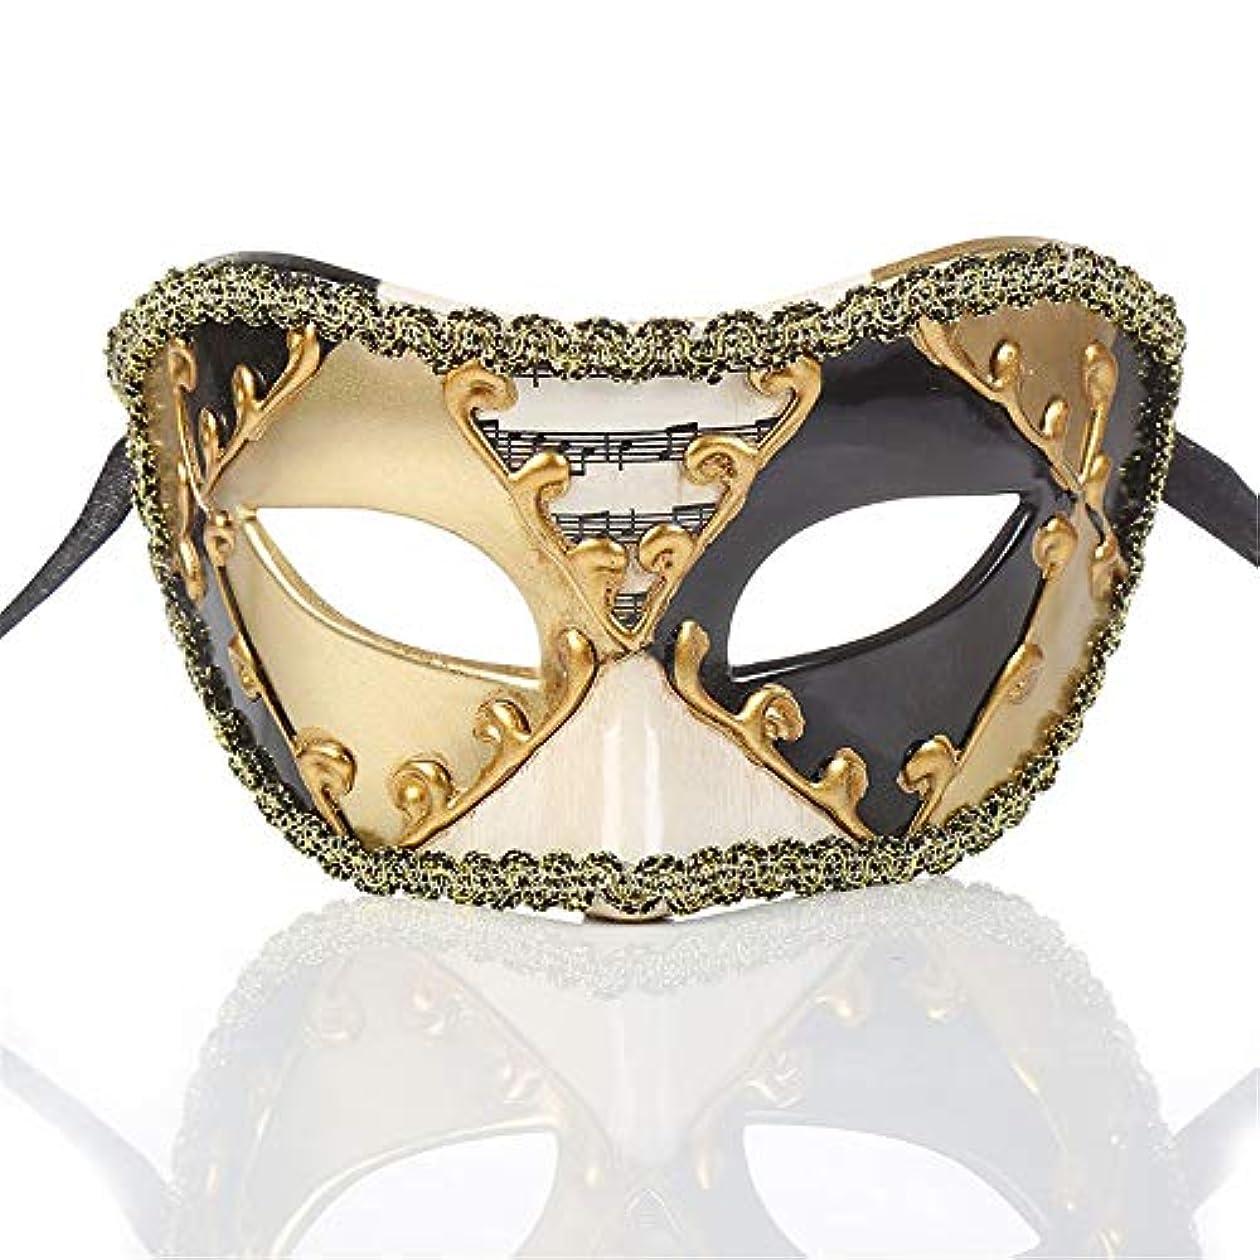 パケット花束フェッチダンスマスク ヴィンテージクラシックハーフフェイスクラウンミュージカルノート装飾マスクフェスティバルロールプレイングプラスチックマスク ホリデーパーティー用品 (色 : ブラック, サイズ : 16.5x8cm)